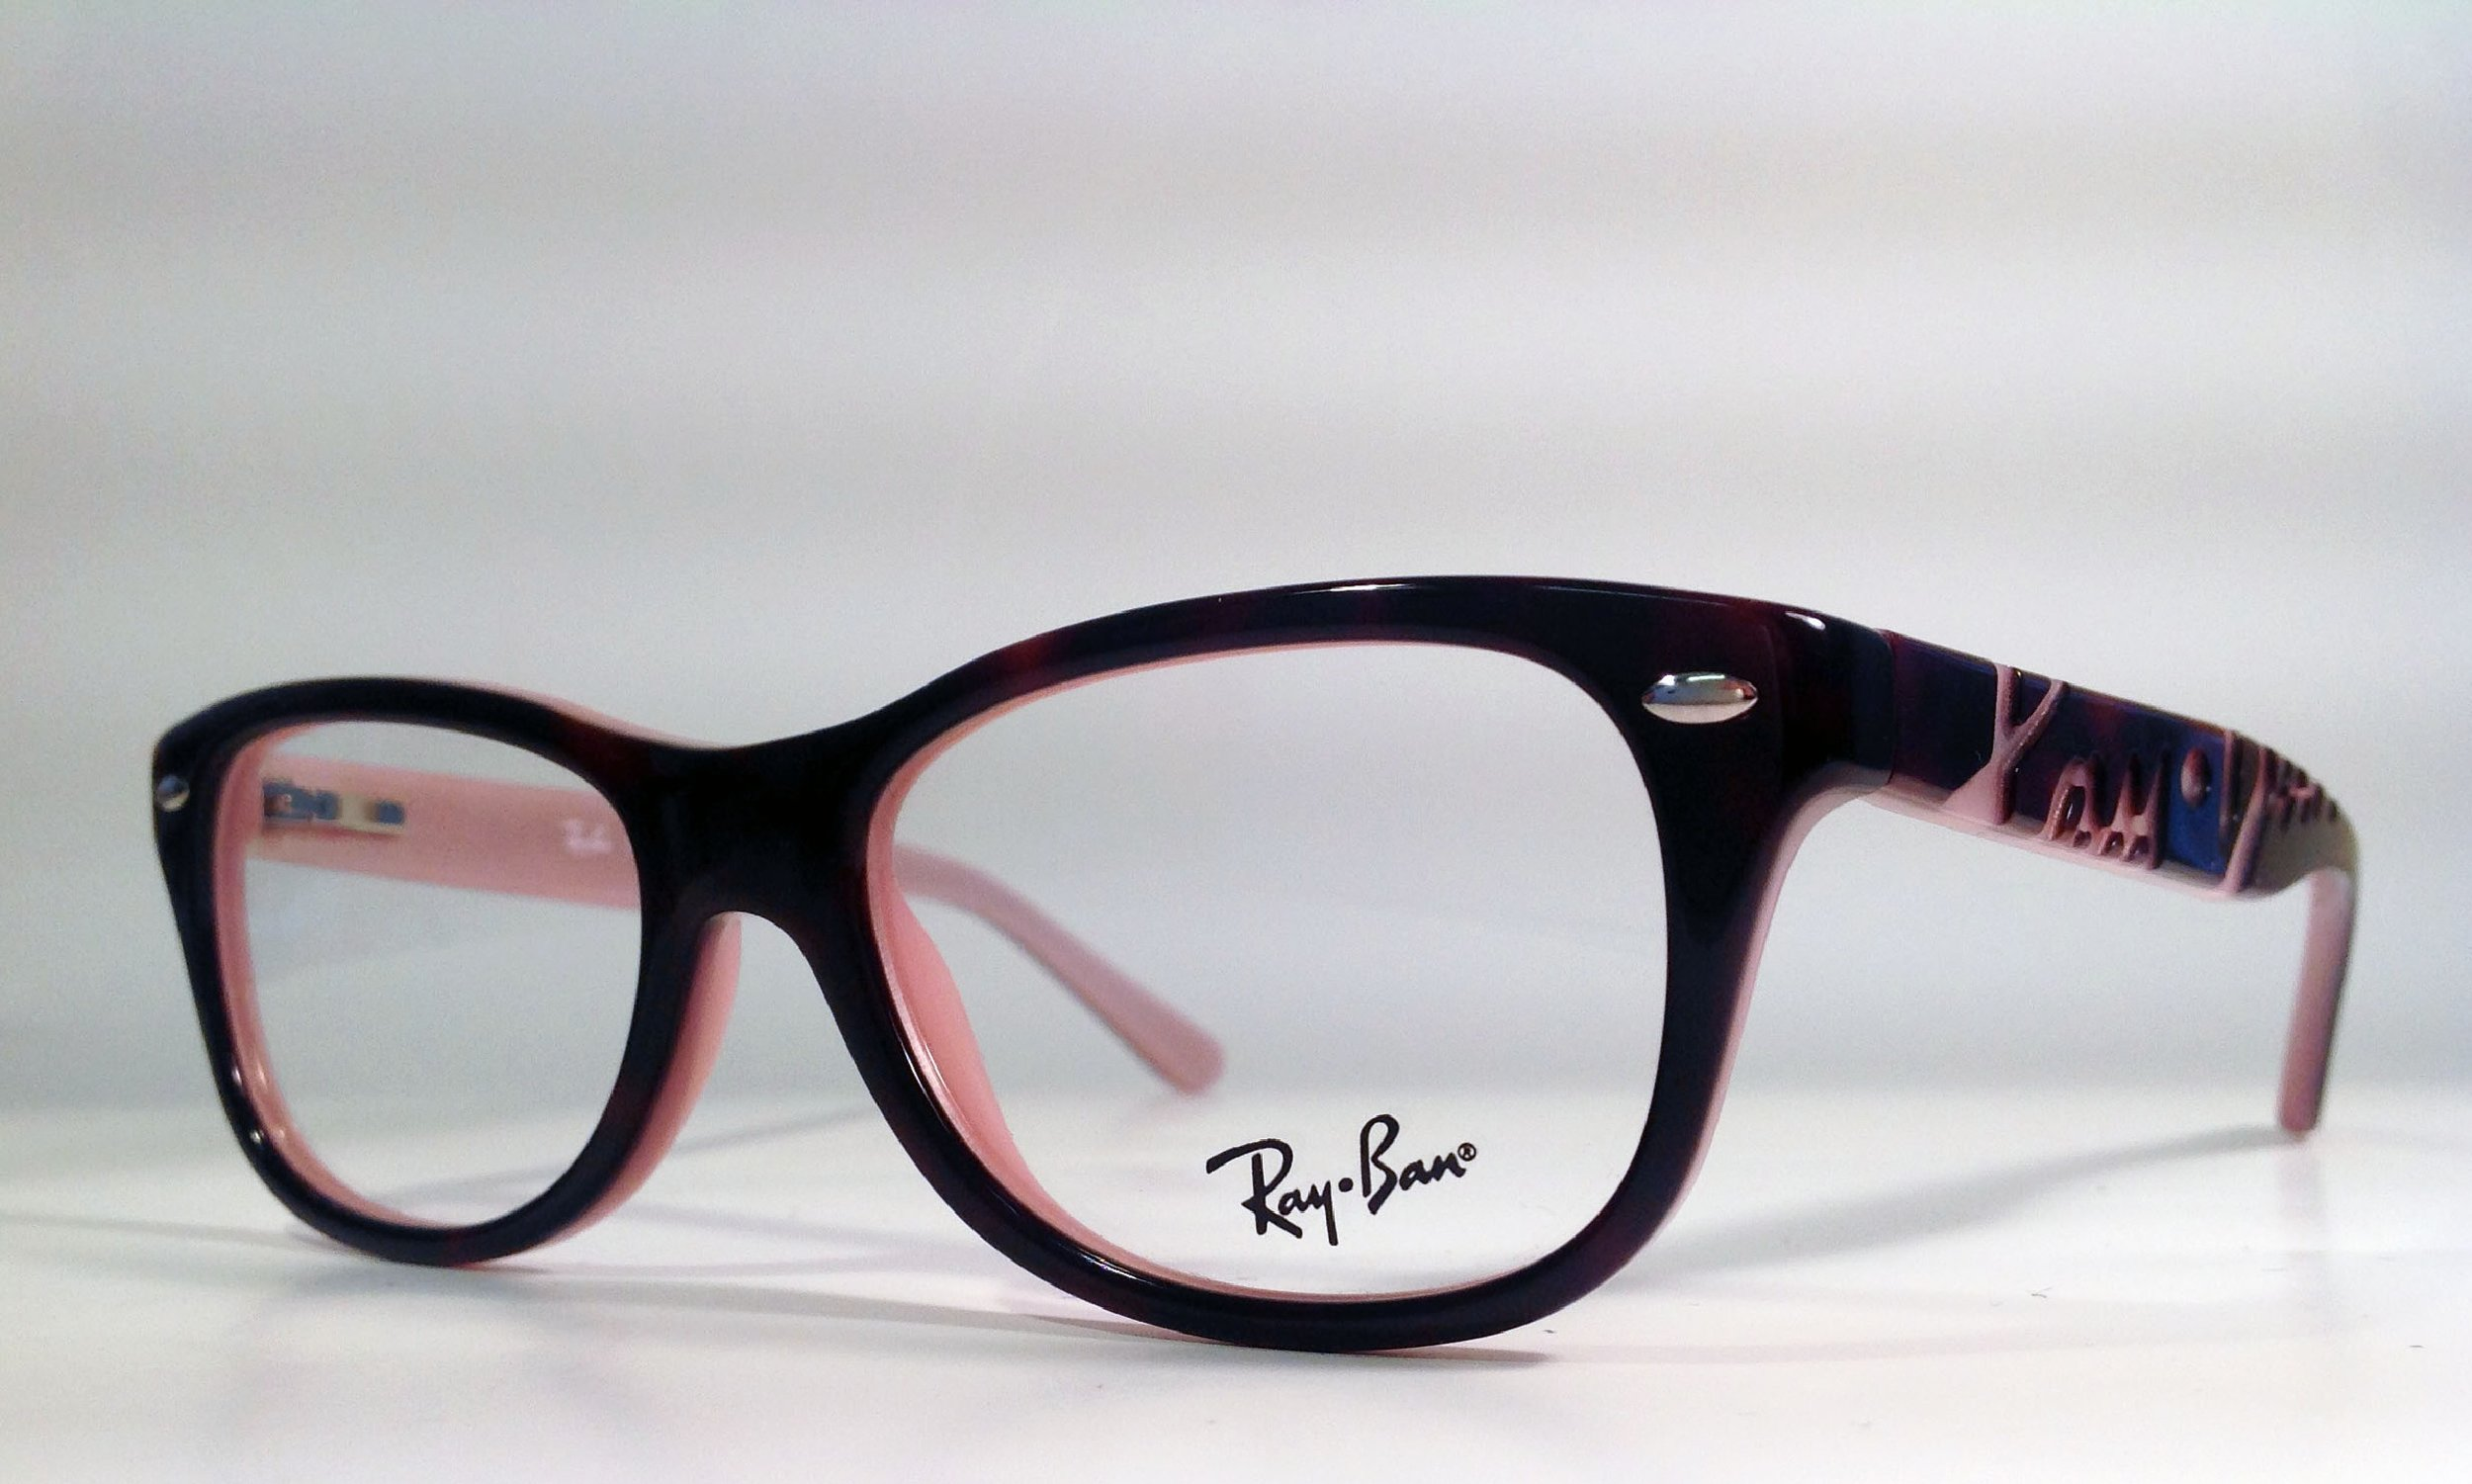 Ray-Ban €155